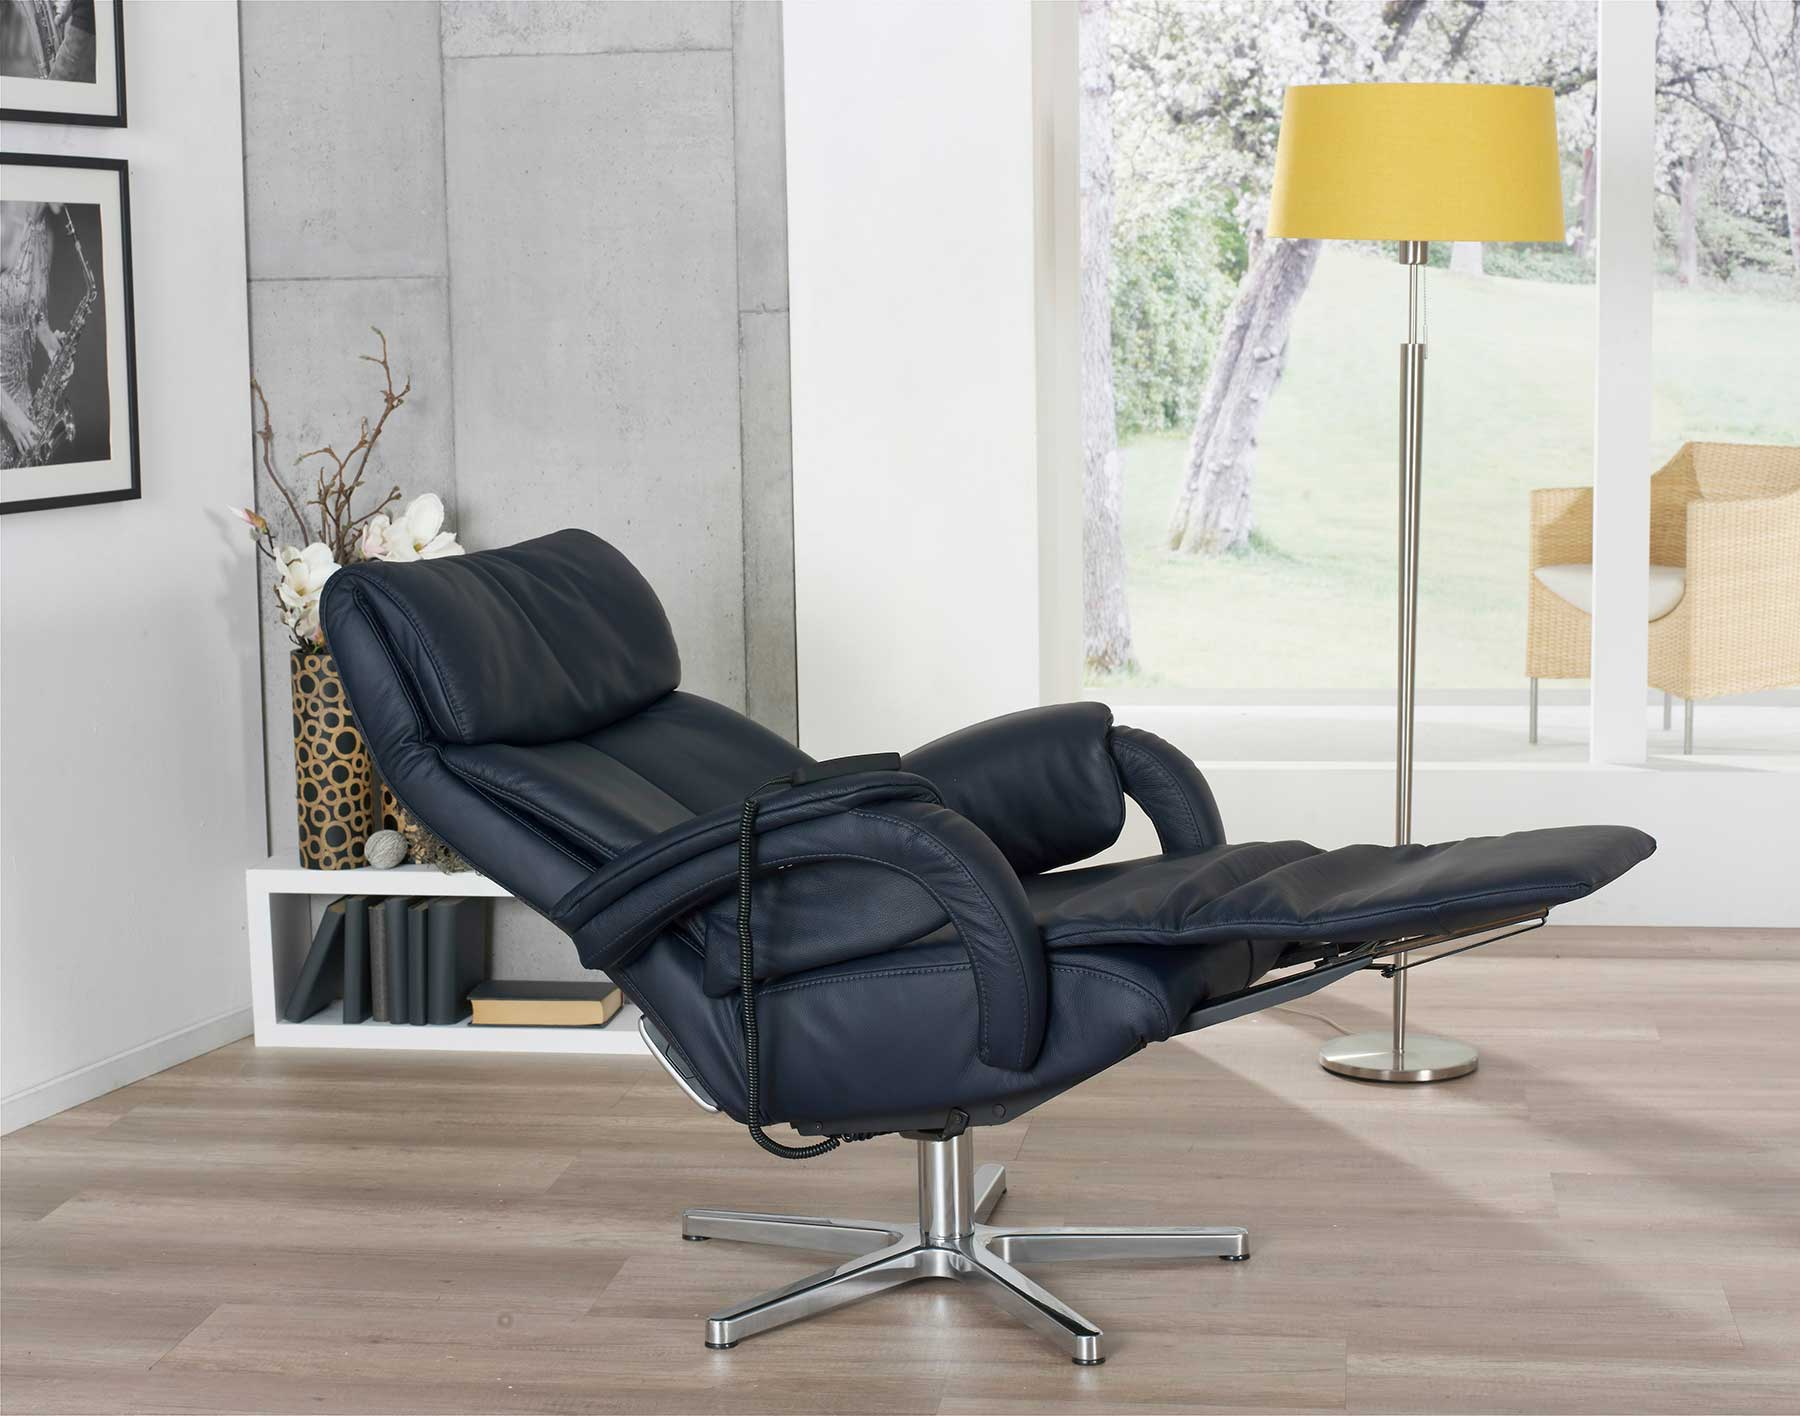 Attraktiv Relaxsessel Elektrisch Verstellbar Sammlung Von Sessel Verstellbar, Aus Der Eleganten Kollektion -